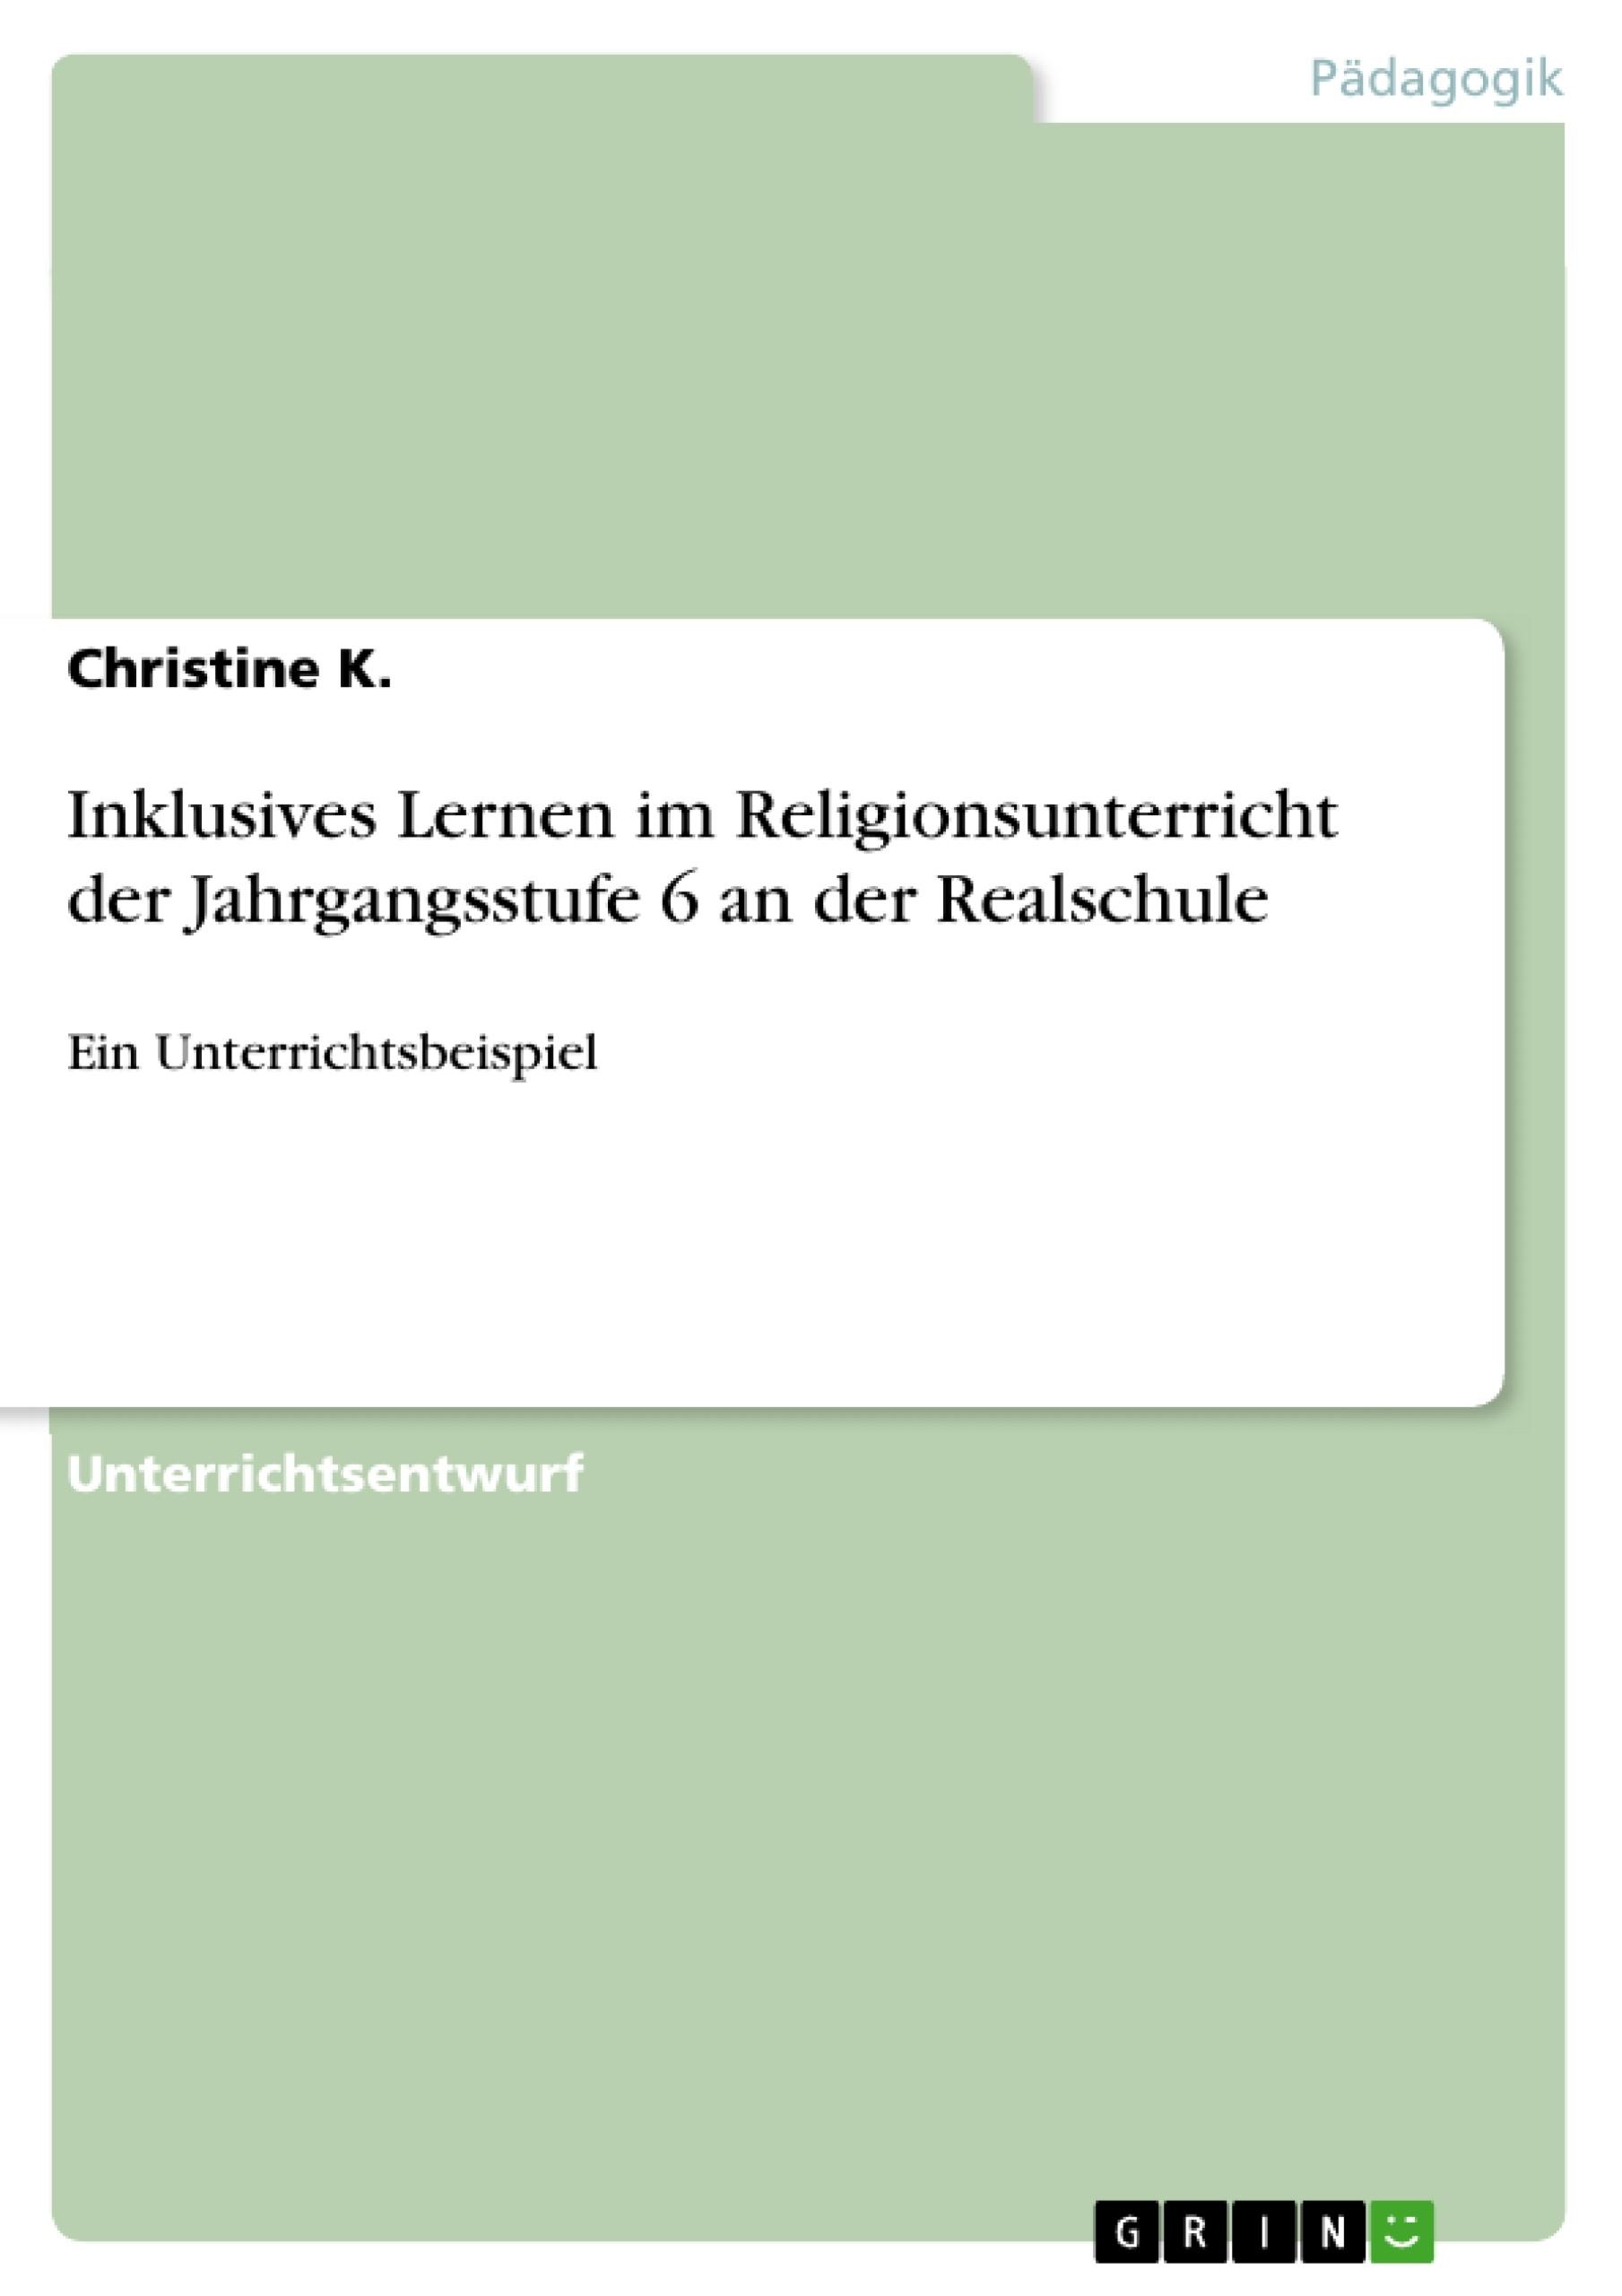 Titel: Inklusives Lernen im Religionsunterricht der Jahrgangsstufe 6 an der Realschule